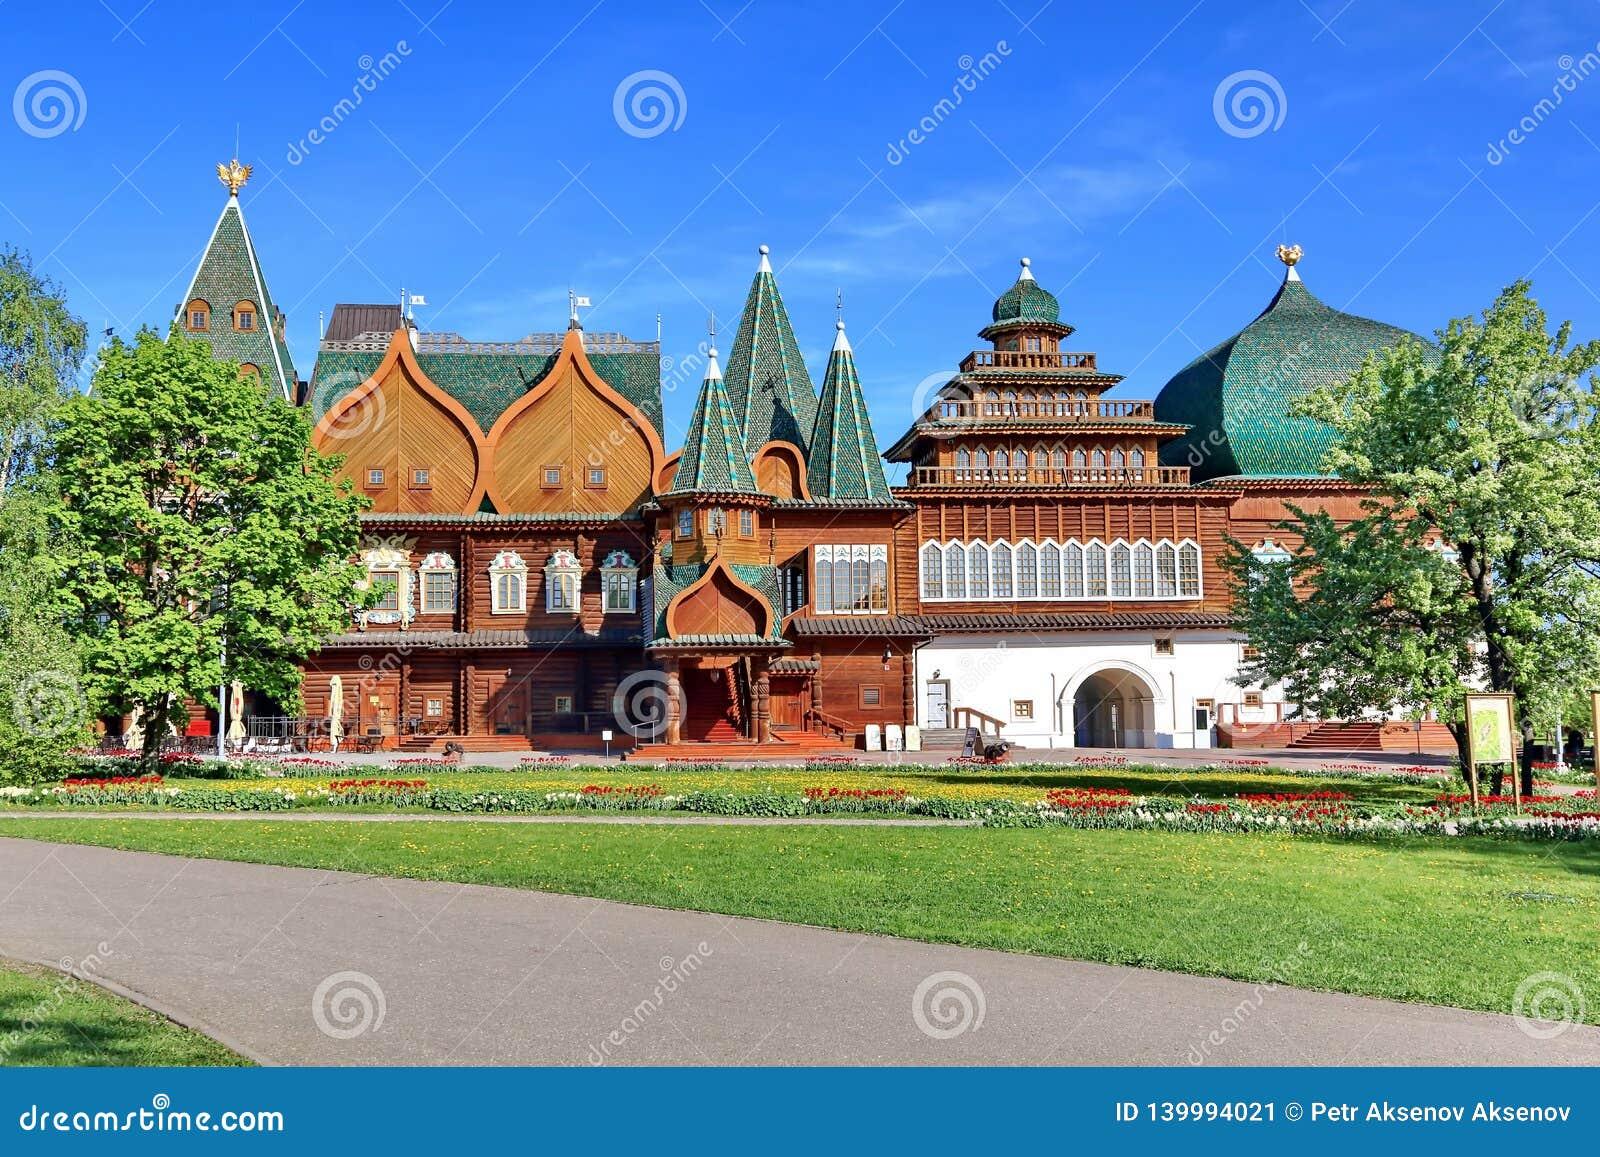 Moscou, Russie - 12 mai 2018 : Palais de tsar Alexei Mikhailovich dans Kolomenskoye